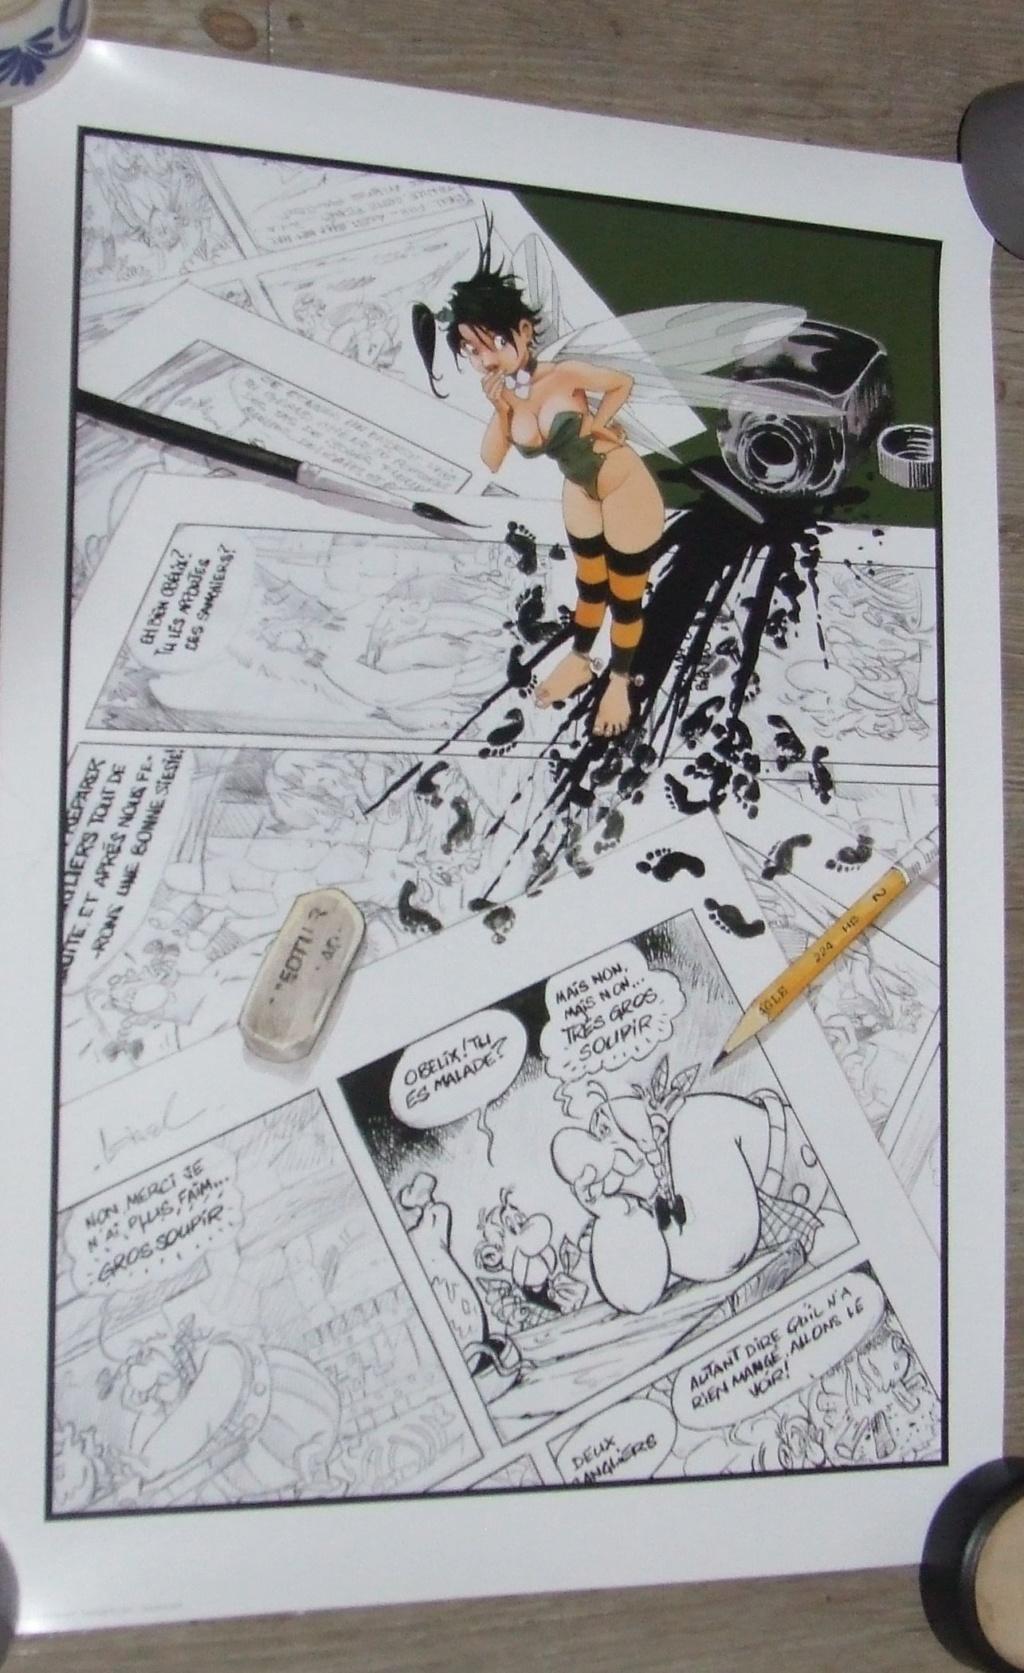 mesraretés ou ce que j'appelle raretés ! - Page 3 2006_h16